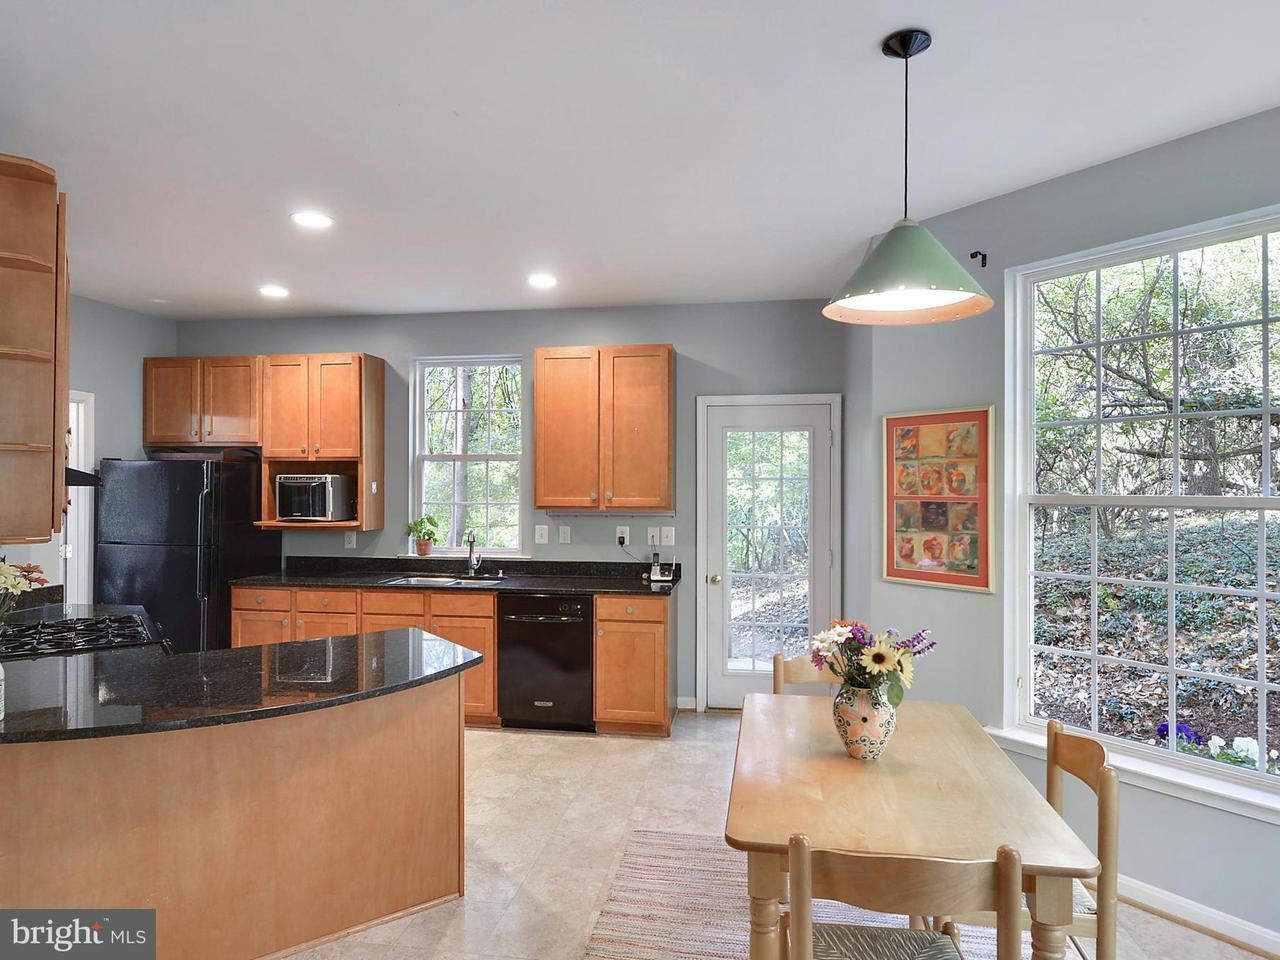 Einfamilienhaus für Verkauf beim 700 WABASH Avenue 700 WABASH Avenue Takoma Park, Maryland 20912 Vereinigte Staaten